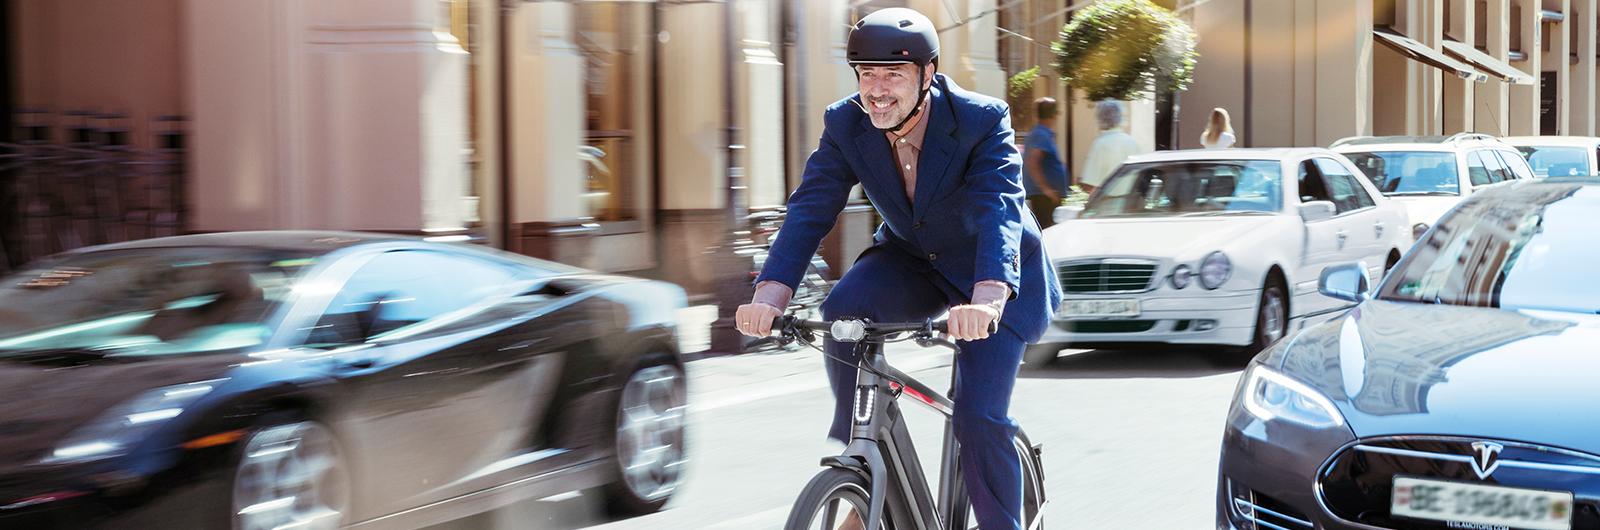 Zoom sur le speedbike, le vélo électrique qui concurrence les mobylettes !